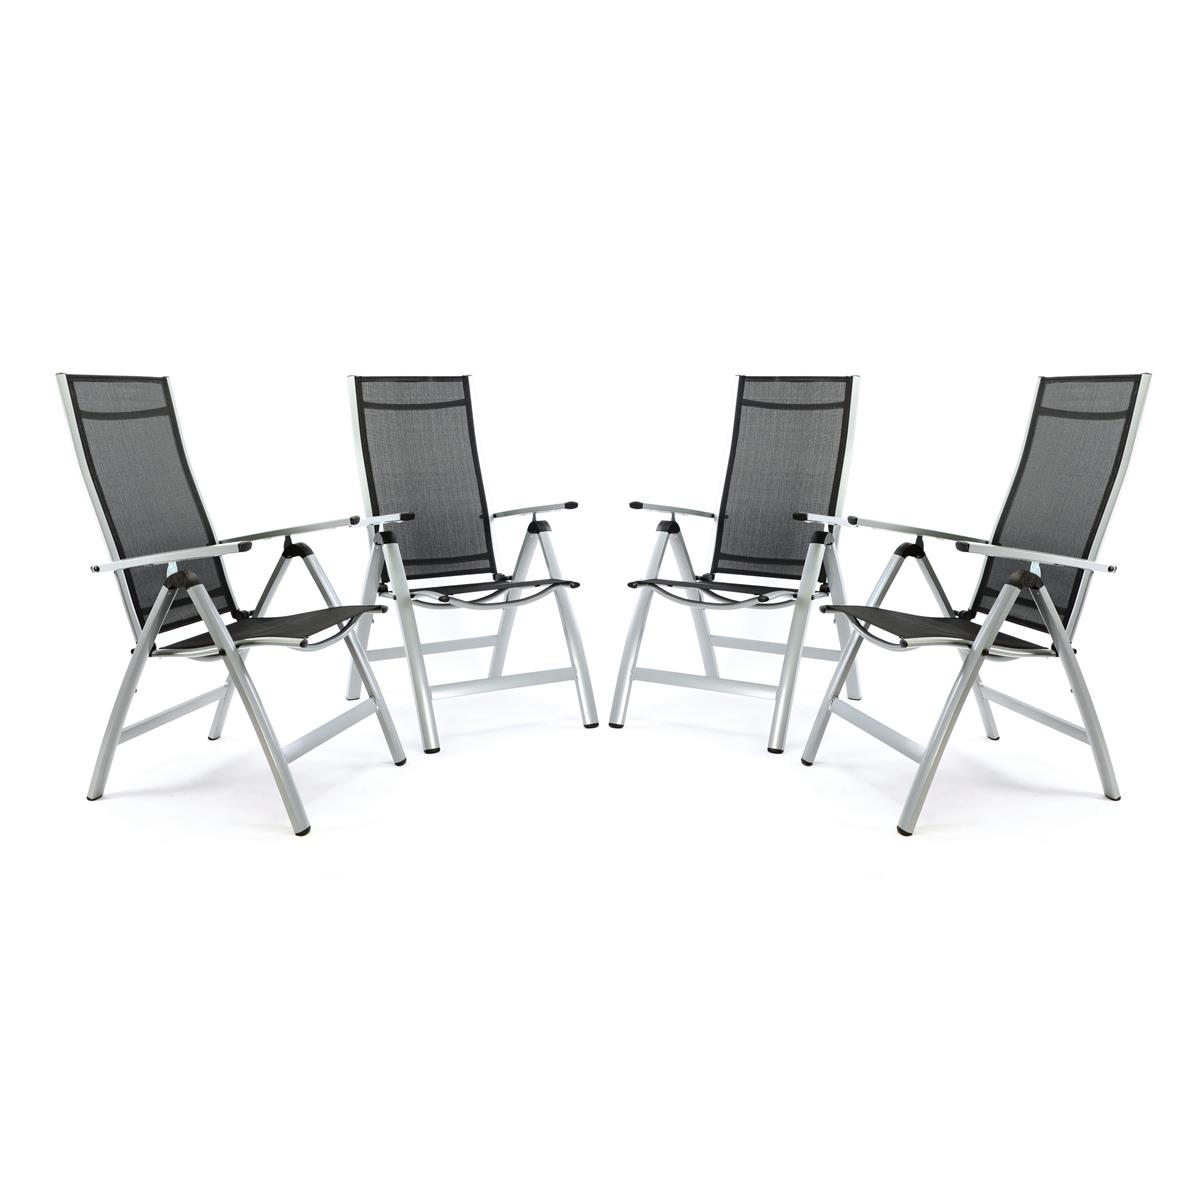 4er Set Deluxe Alu Stuhl extrabreit Klappstuhl Gartenstuhl verstellbar schwarz